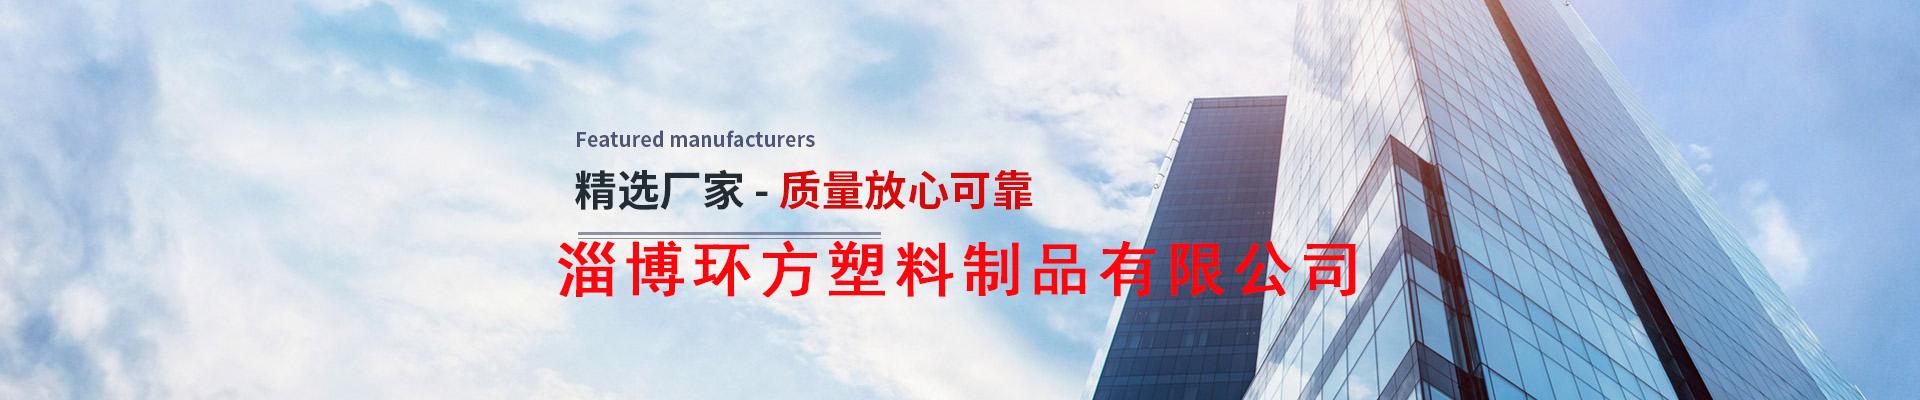 淄博環方塑料制品有限公司公司介紹